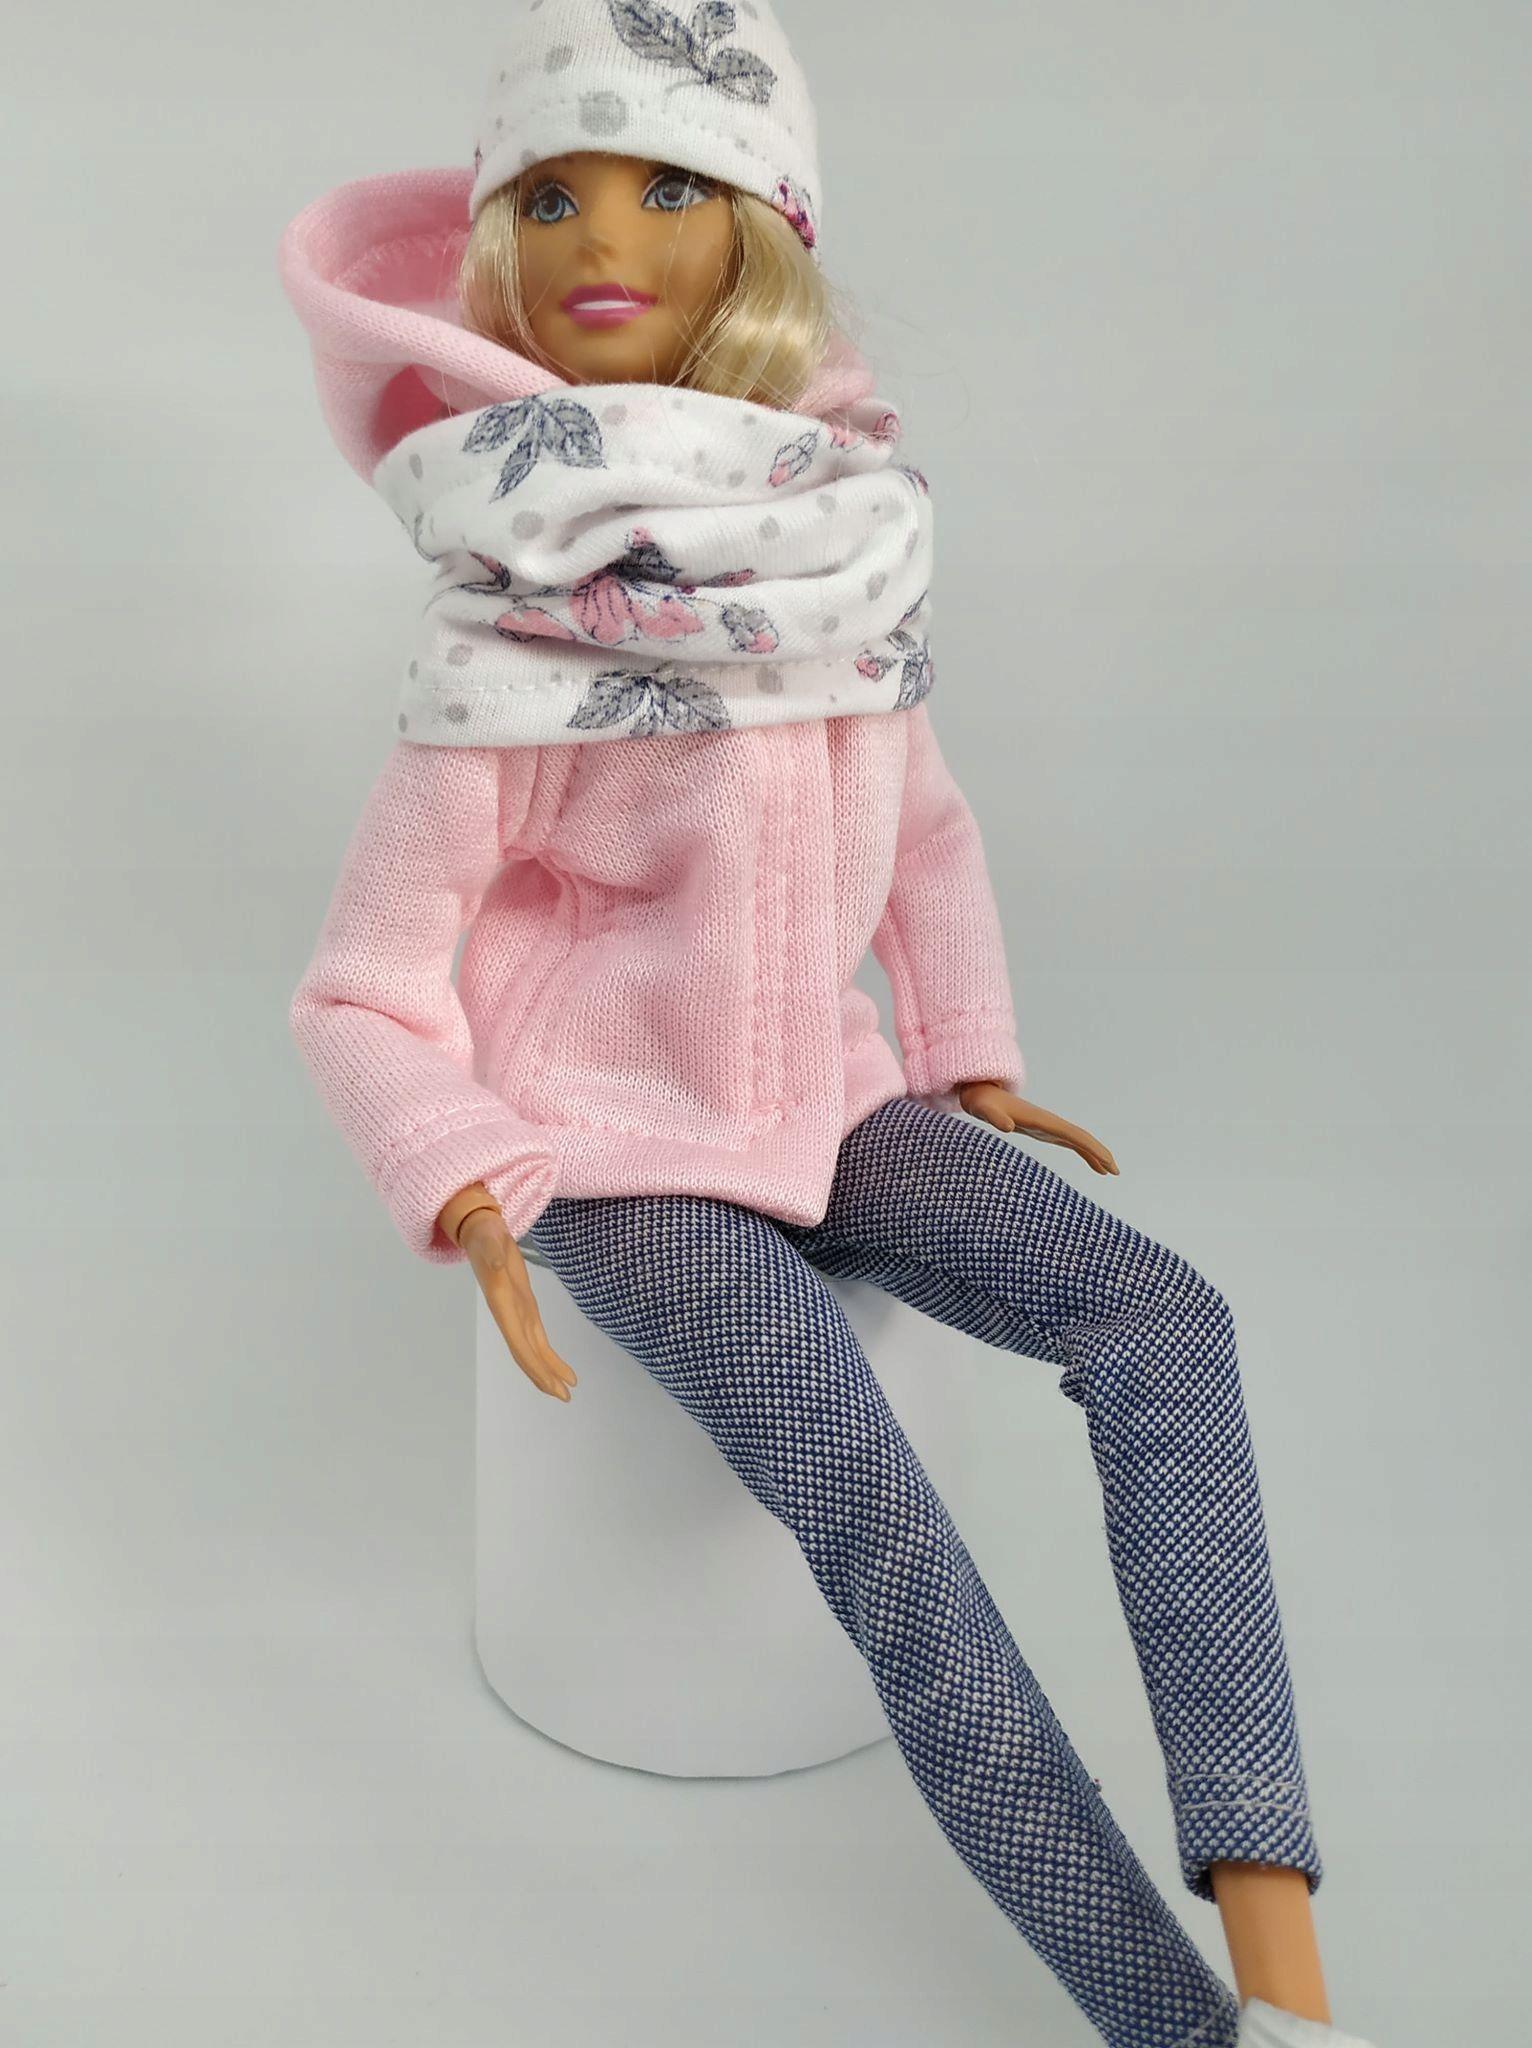 Ubranko Ubranka Dla Lalki Typu Barbie Zestaw 133 7808019795 Oficjalne Archiwum Allegro Casual Fashion Barbie